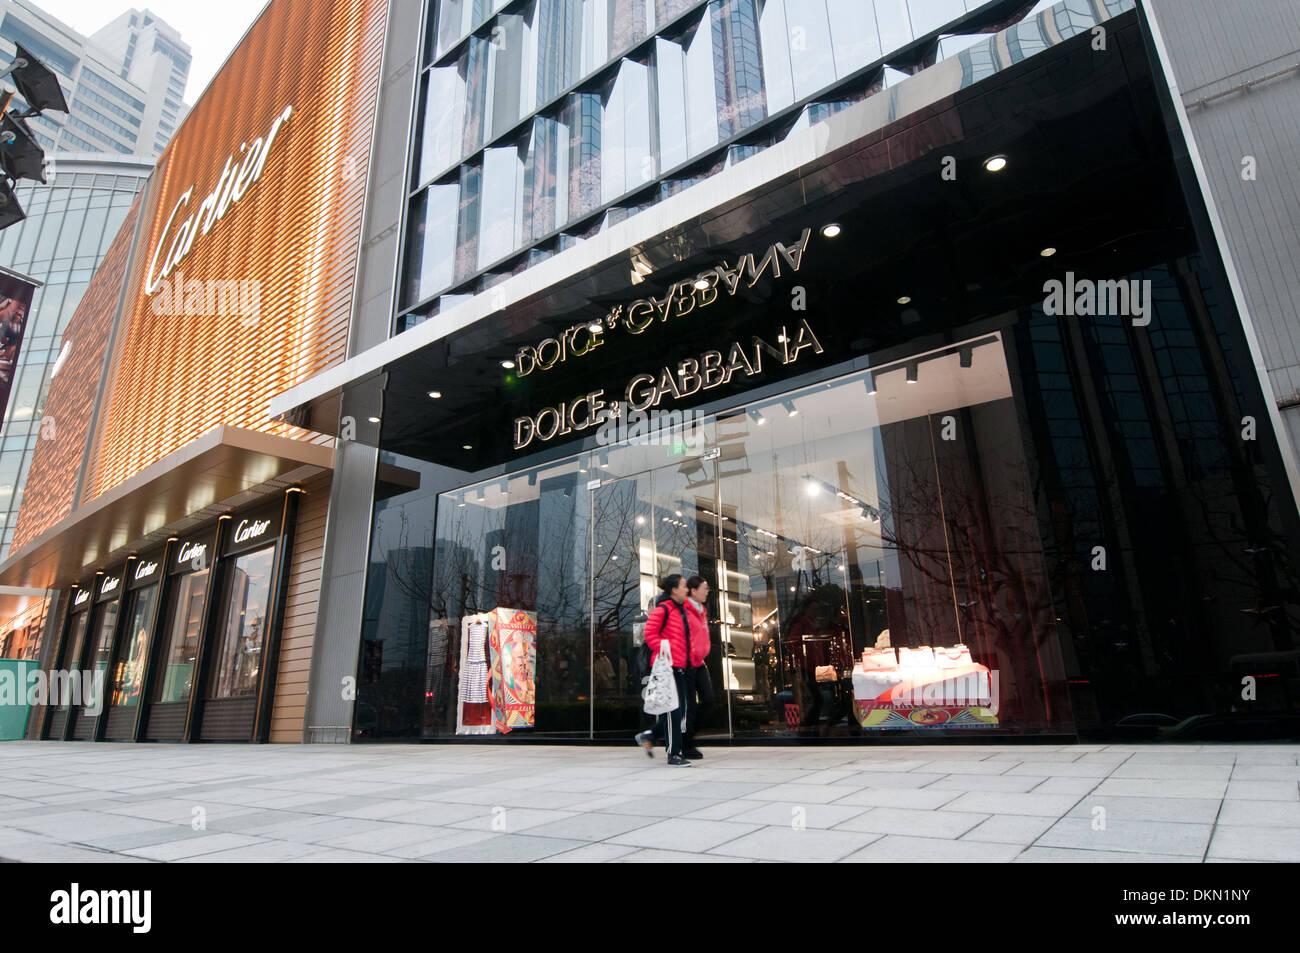 e76104f93a2d7 Dolce   Gabbana en magasin Plaza 66 bureau commercial et d habitation à  West Nanjing Road - la célèbre rue commerçante de Shanghai, Chine